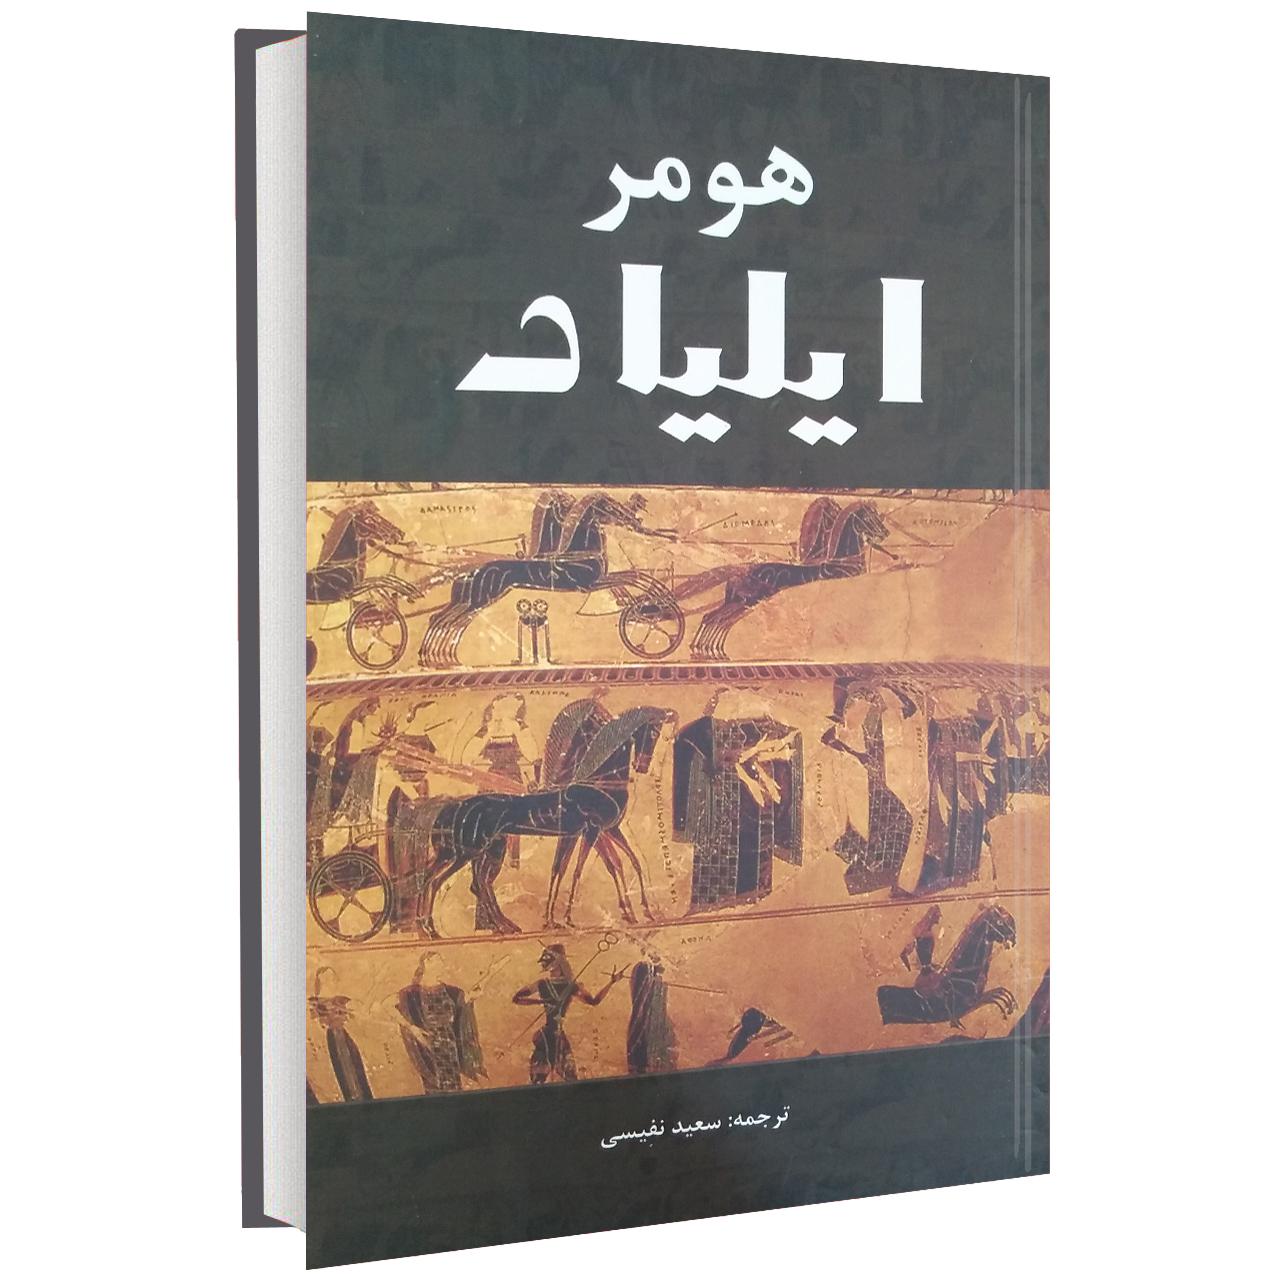 کتاب ایلیاد اثر هومر